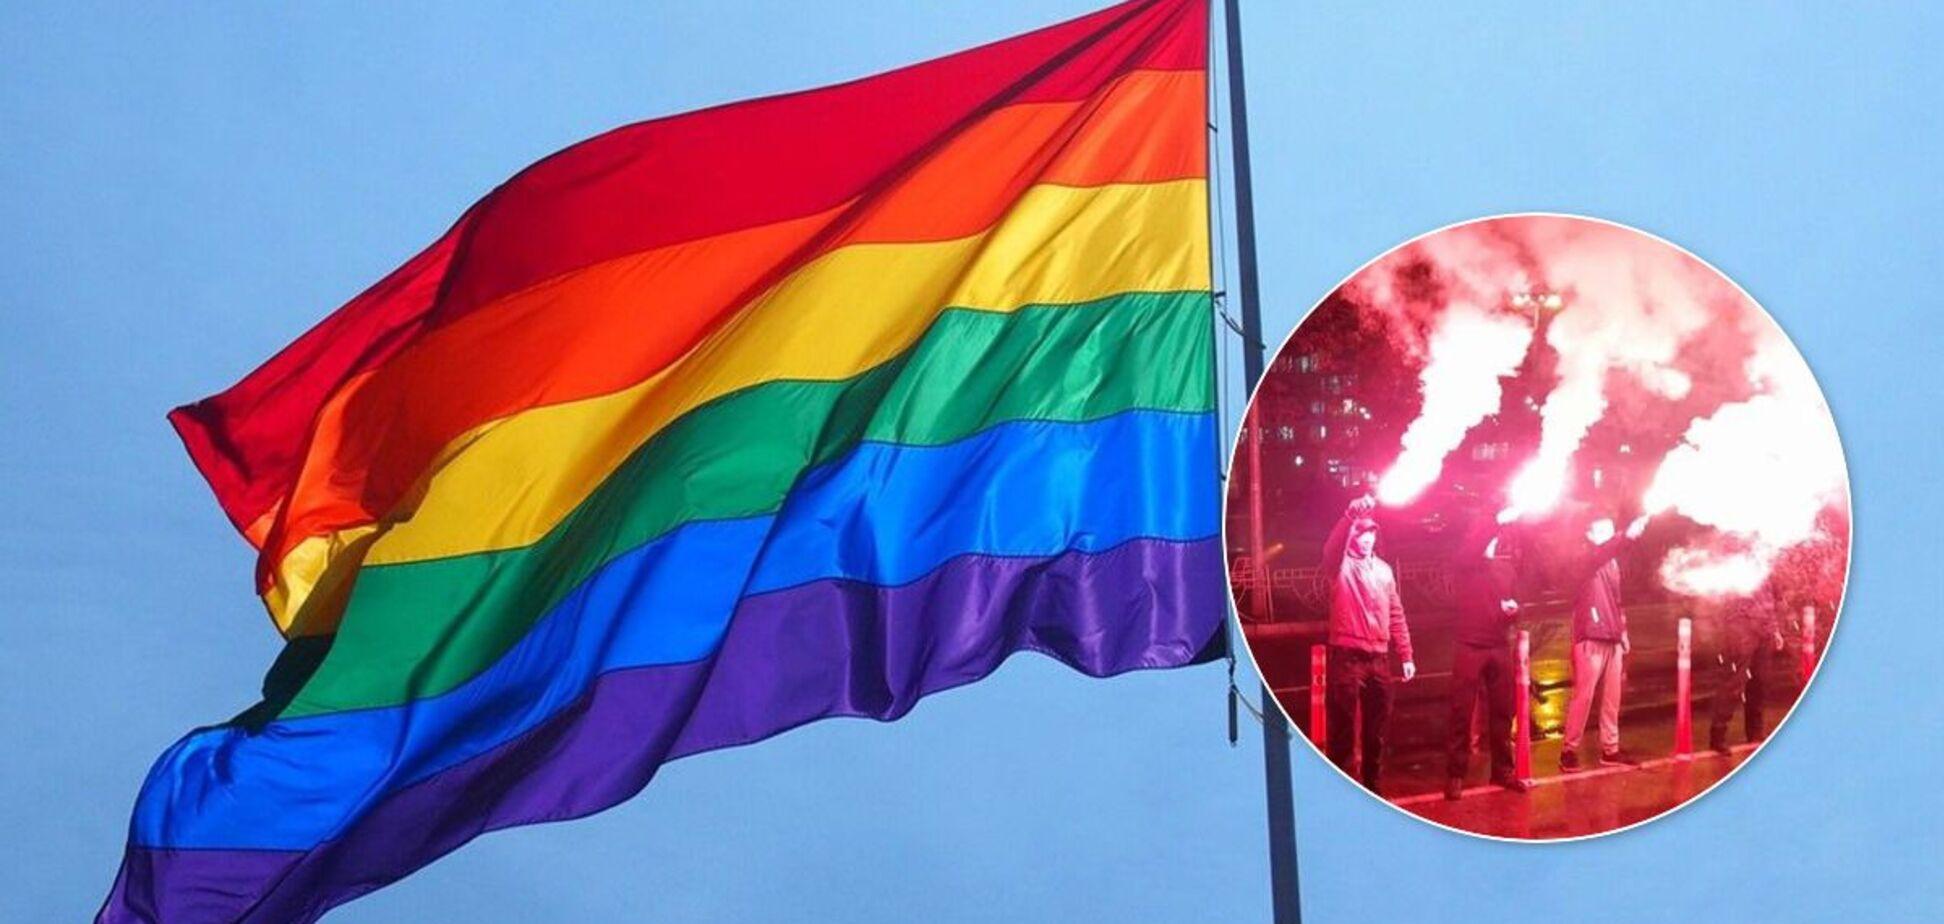 У Києві протестували проти прапора ЛГБТ на ТРЦ 'Гулівер'